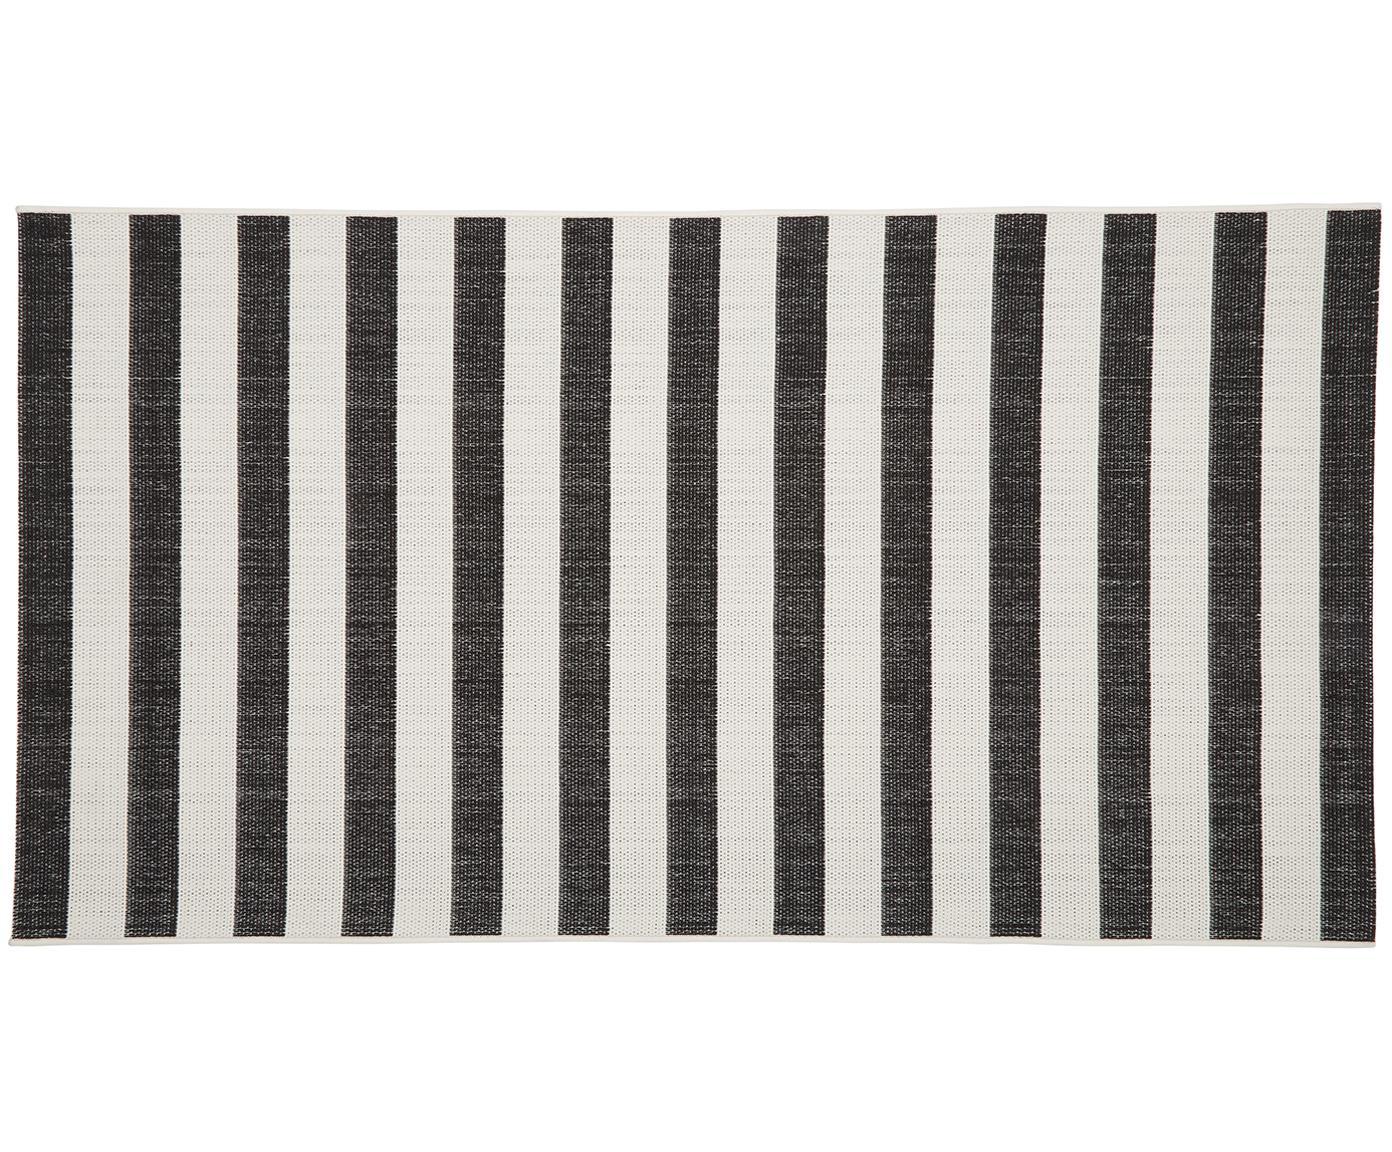 Dywan wewnętrzny/zewnętrzny Axa, Kremowobiały, czarny, S 80 x D 150 cm (Rozmiar XS)